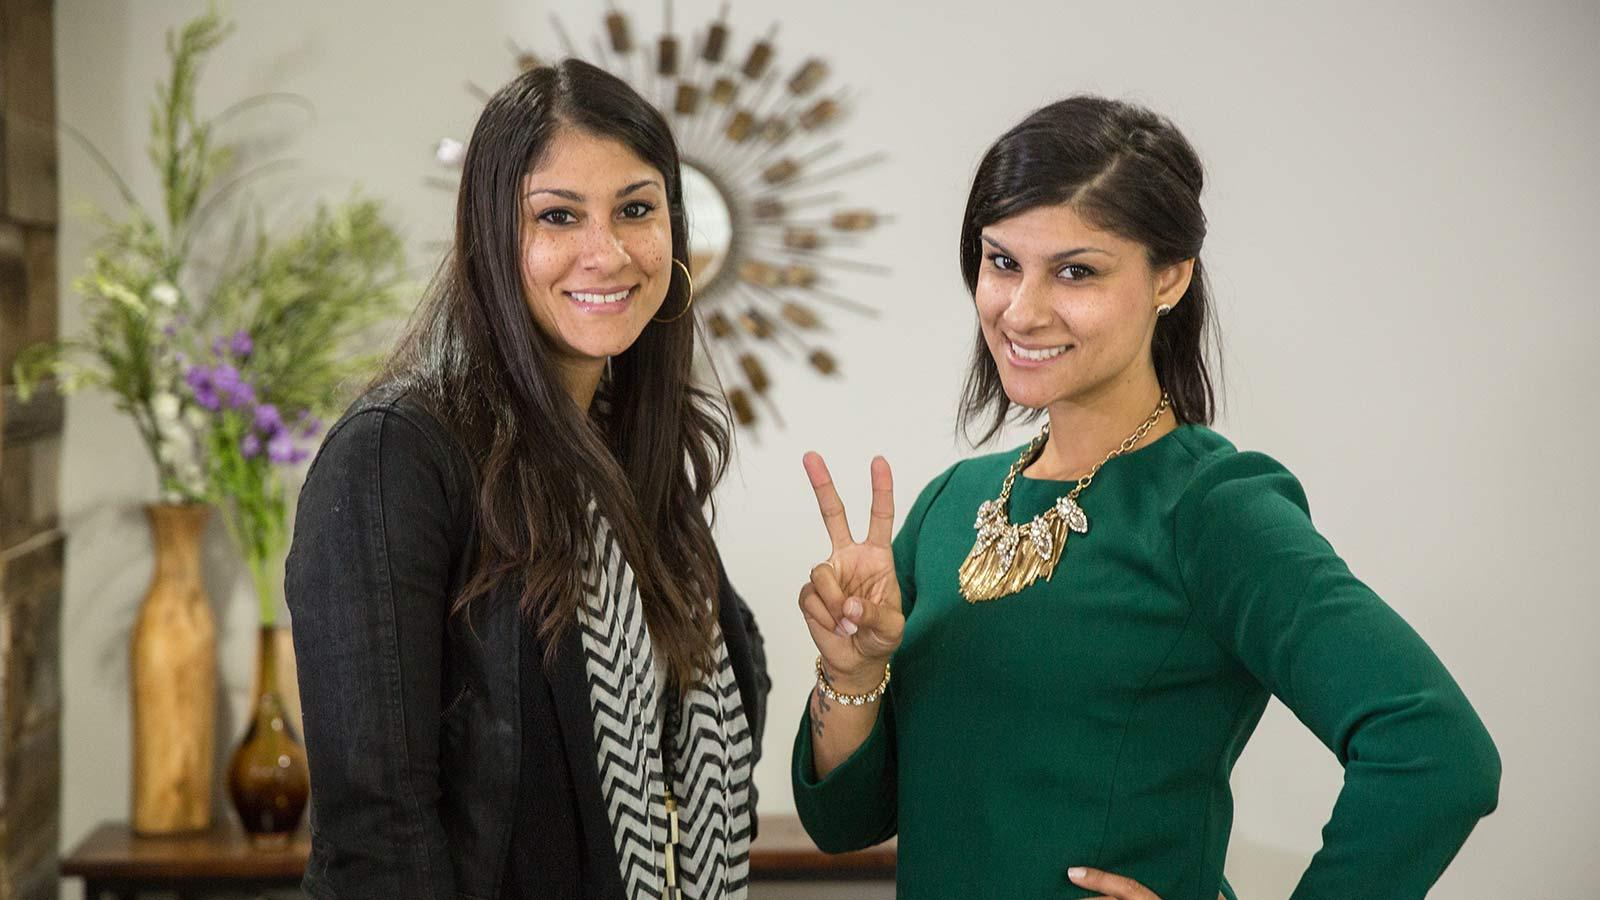 Esta pareja de hermanas muy especiales que harán realidad los sueños de las muchas familias y propietarios